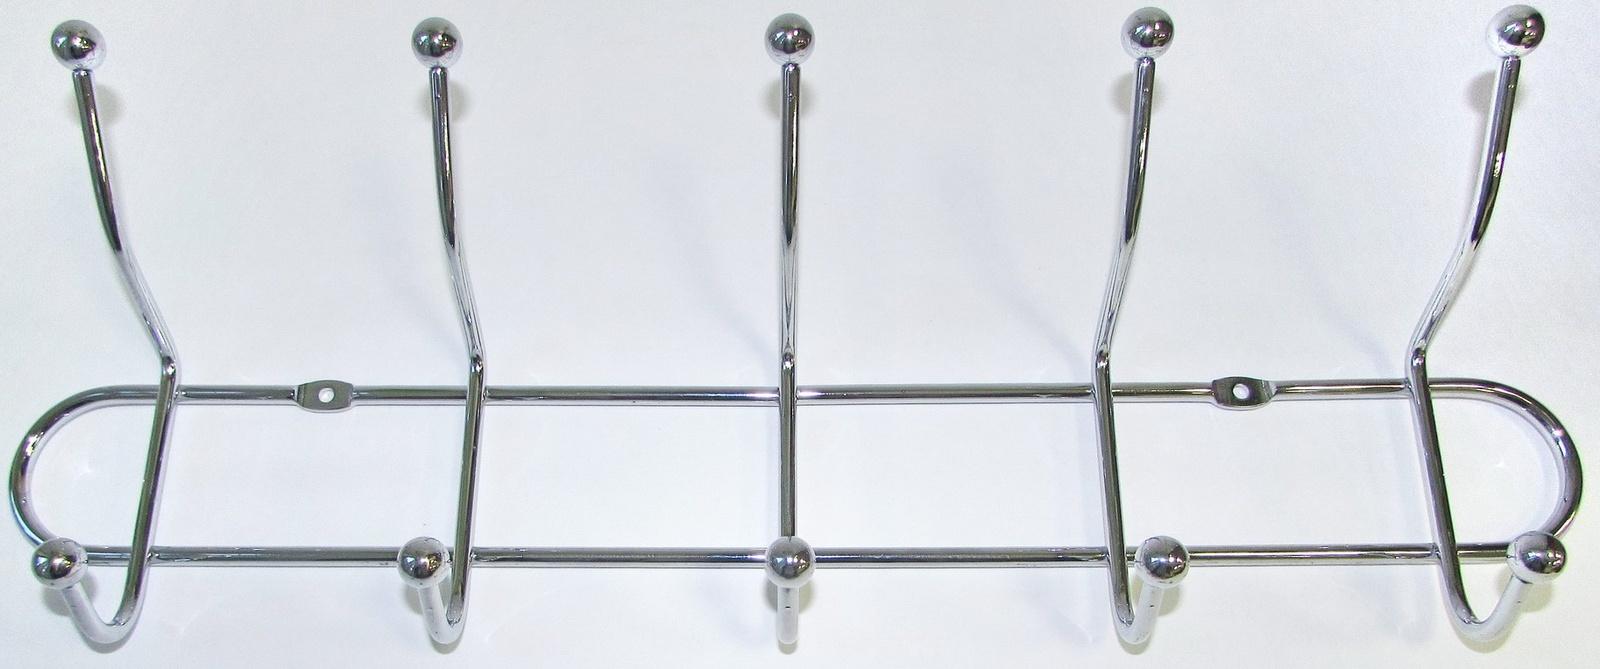 Вешалка настенная BRANTE пятирожковая, 111210 цена